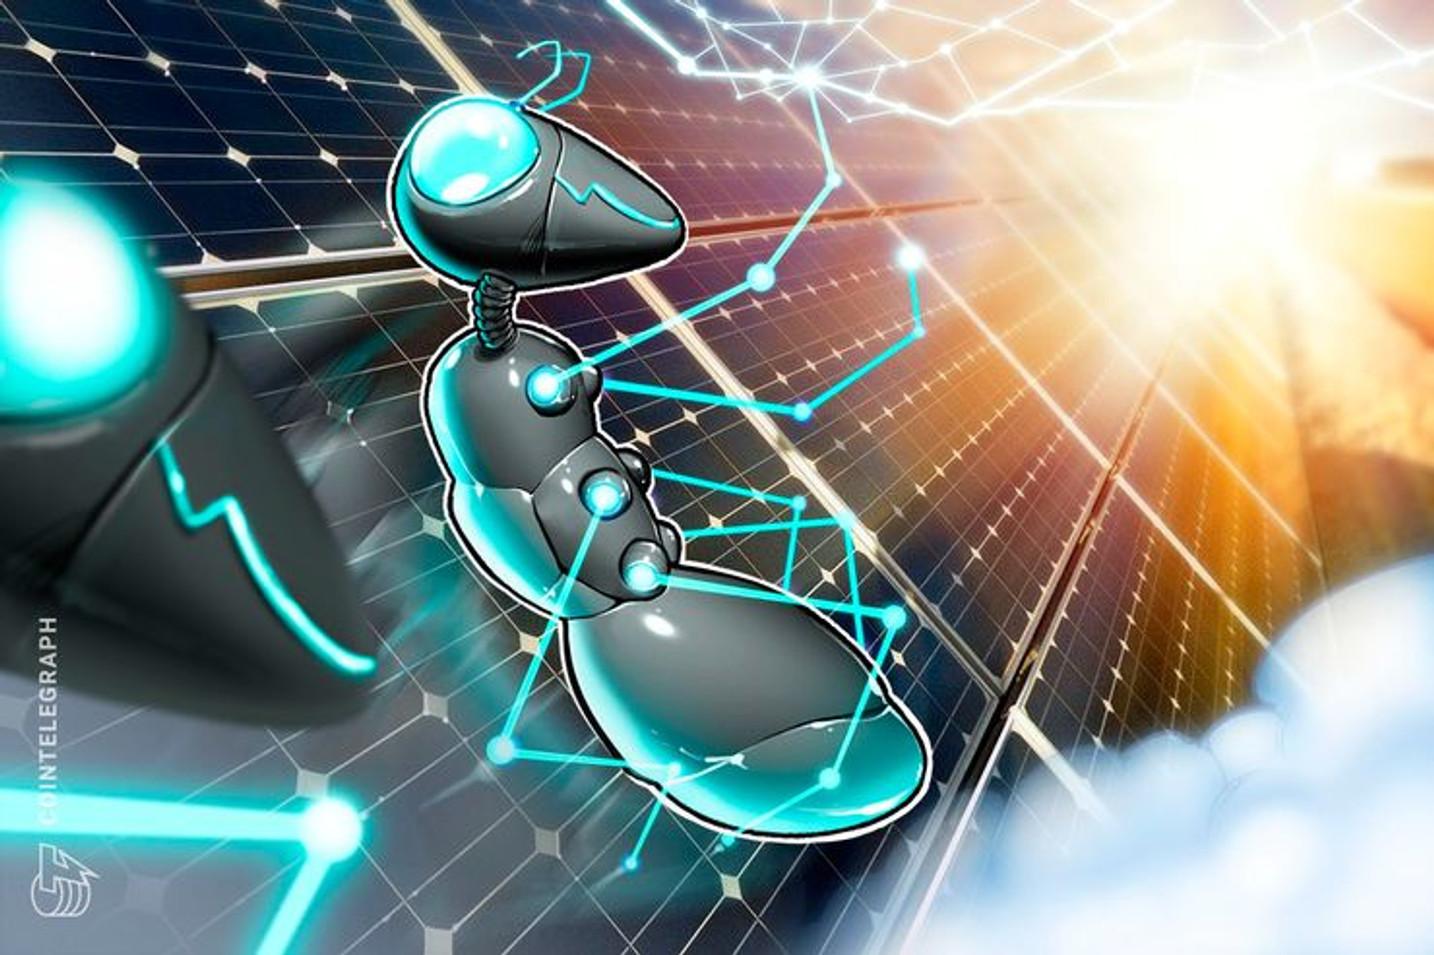 Perú: Sociedad Eléctrica de Arequipa aplicará Blockchain para almacenamiento de datos